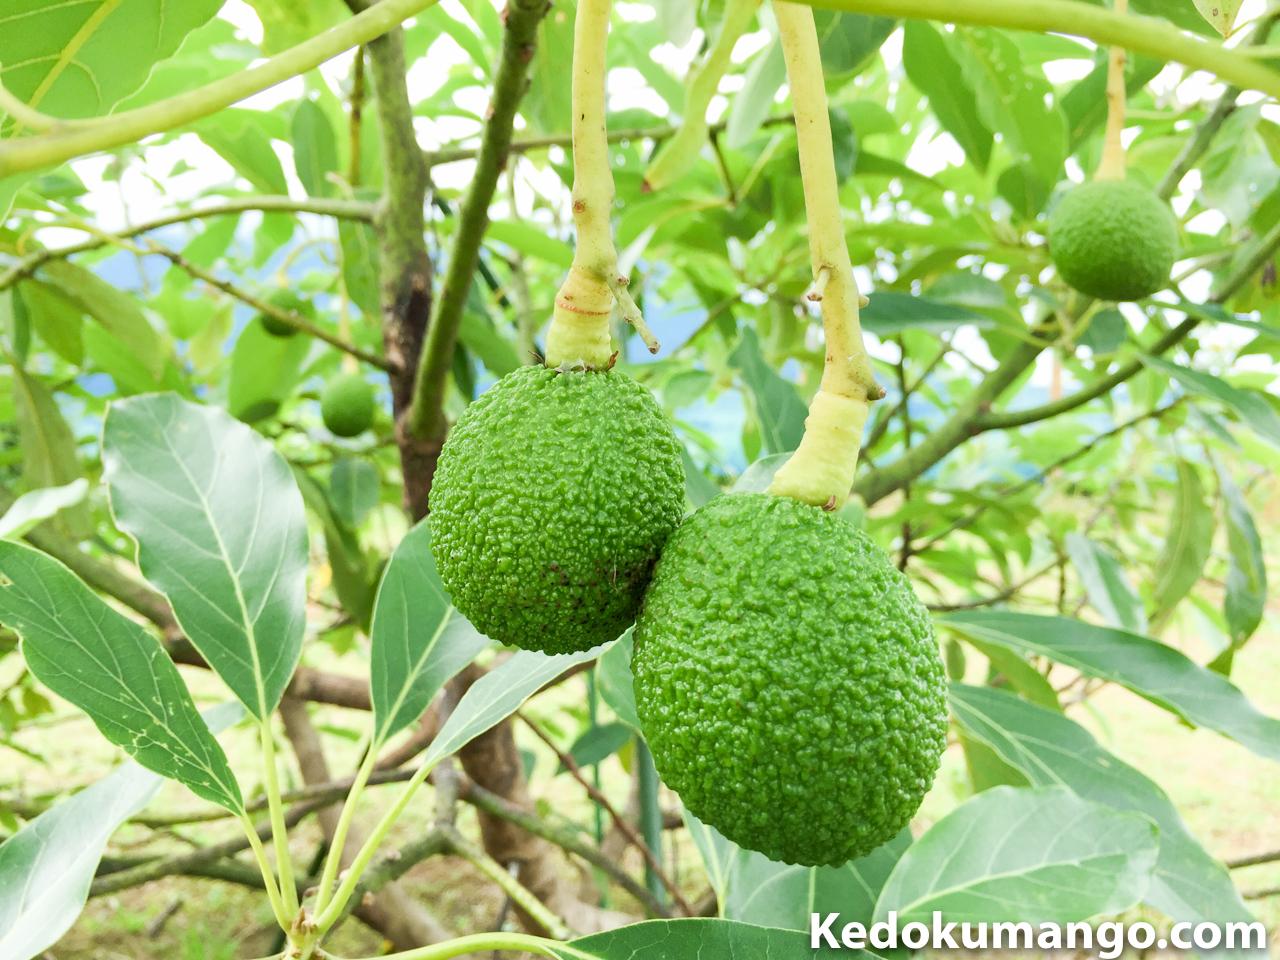 アボカドの果実「ハス」